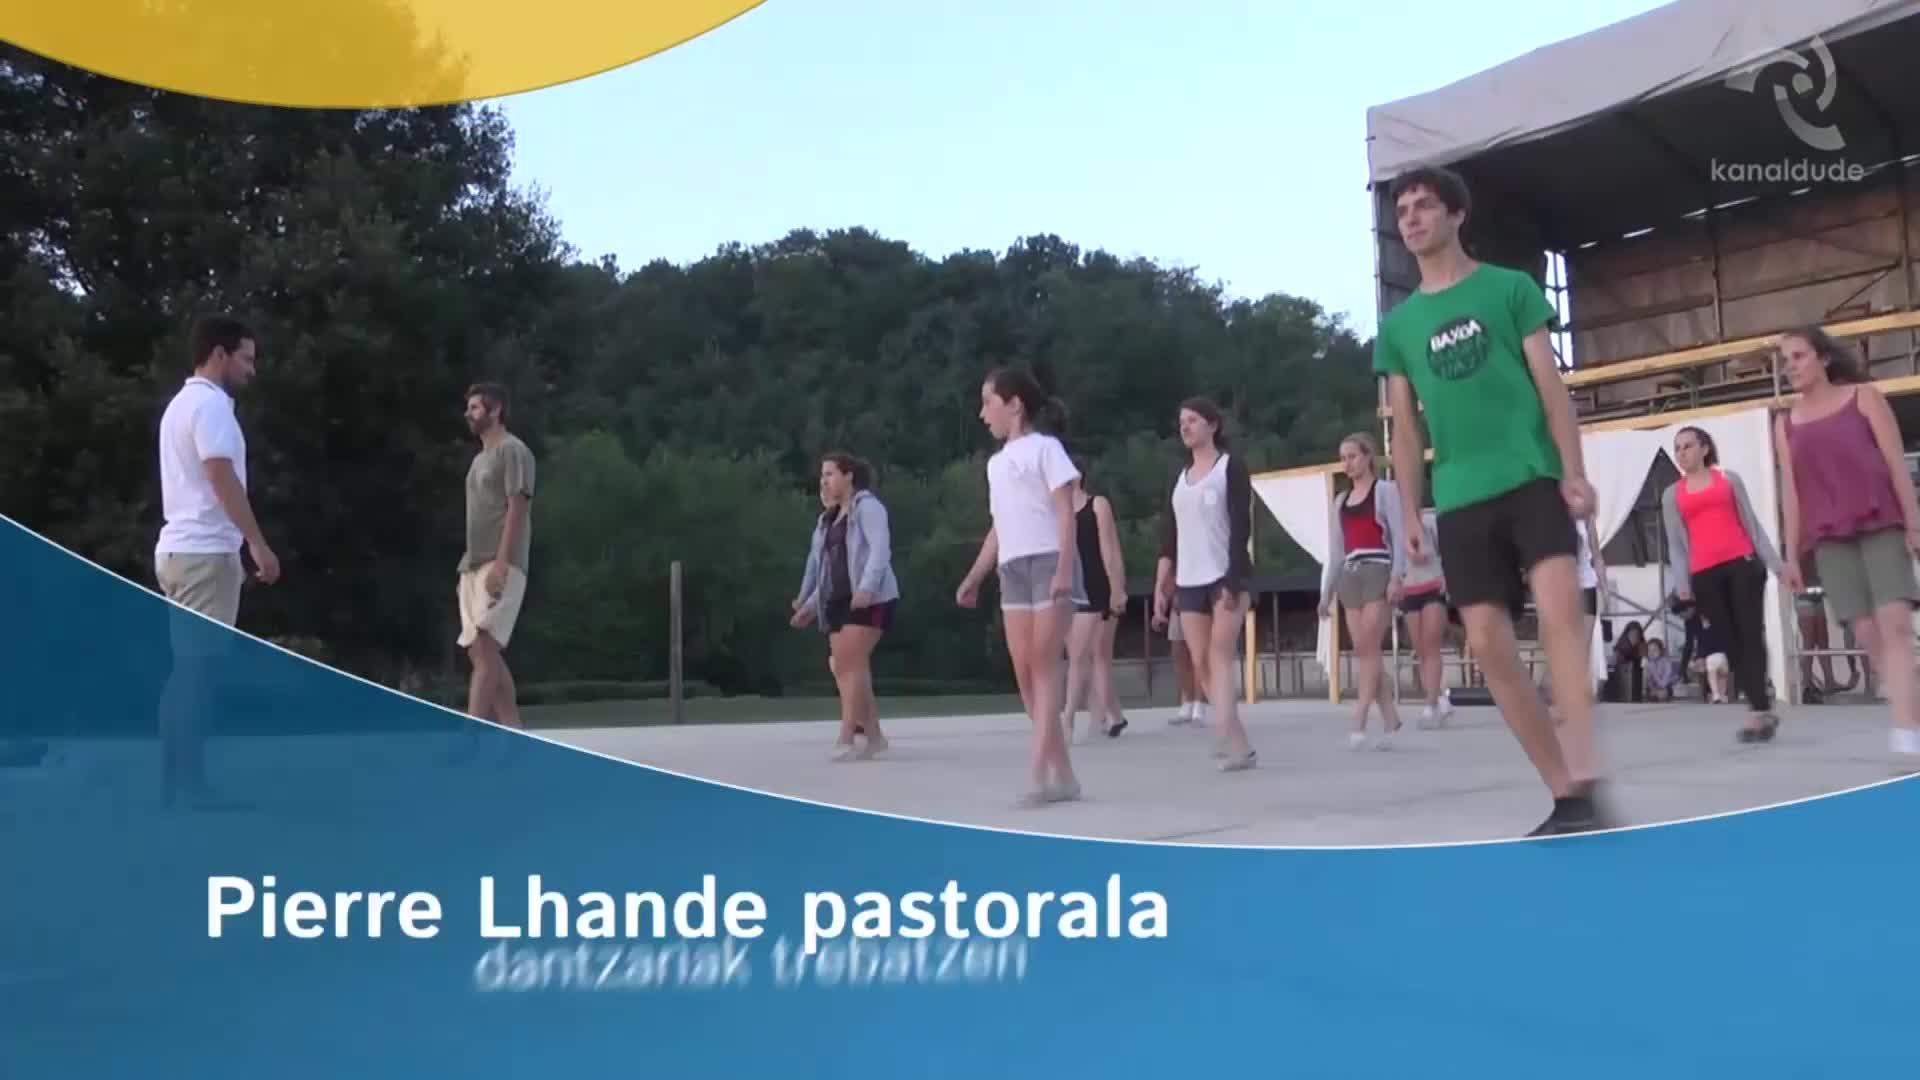 Pierre Lhande pastorala: dantzariak trebatzen